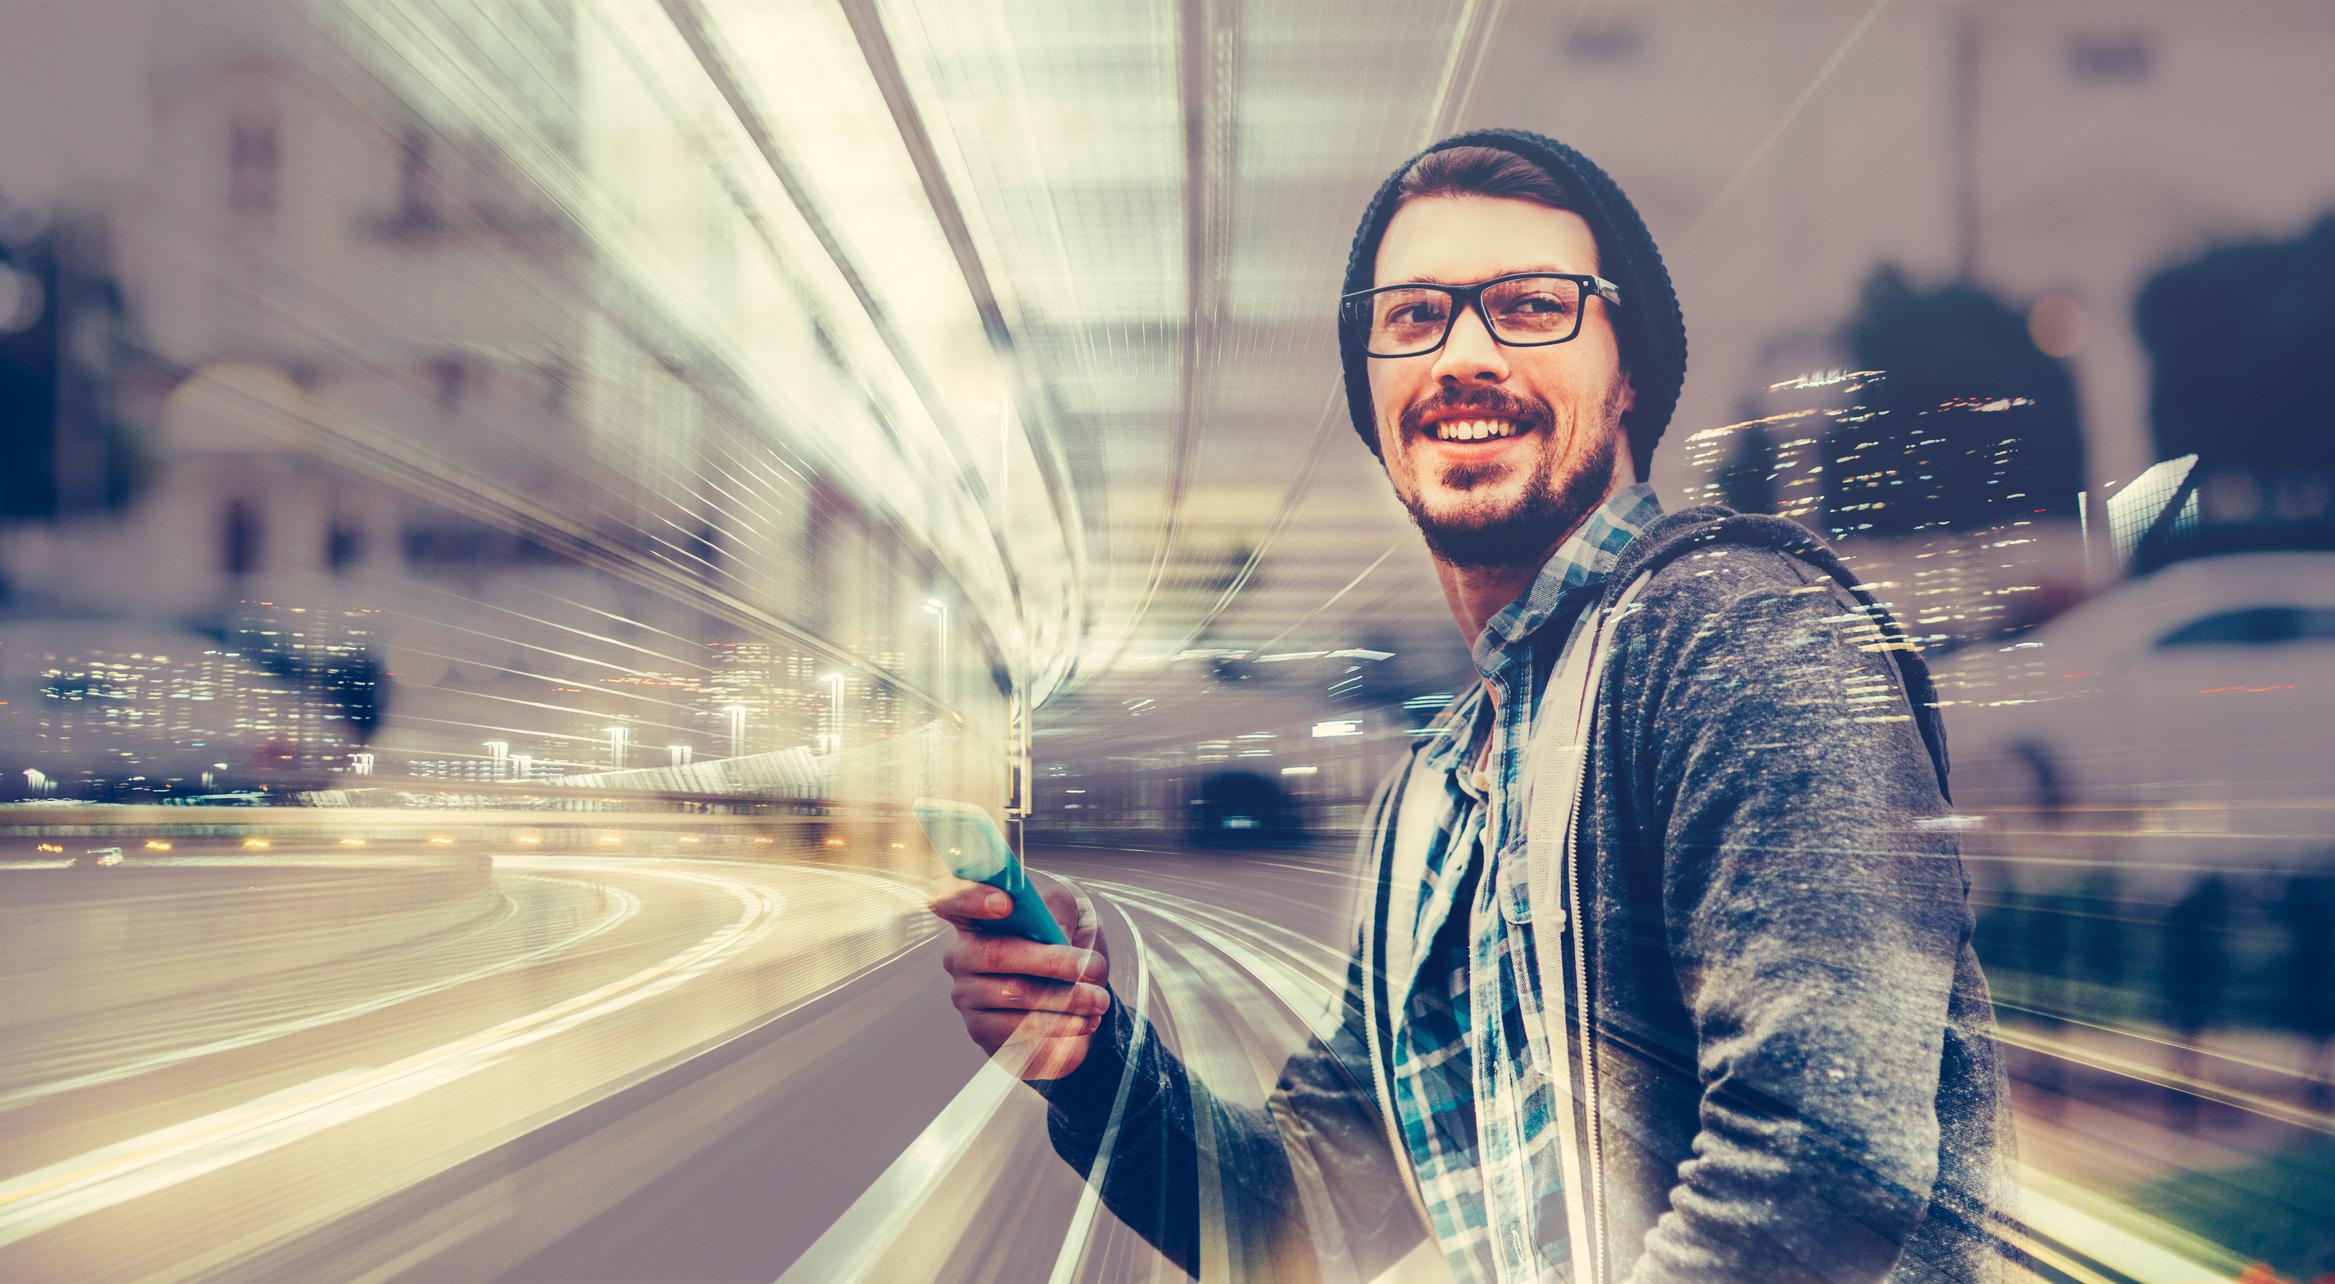 a7d1f707 Hvordan blir samfunnet påvirket av teknologi? - Vestfold-kompetanse.no